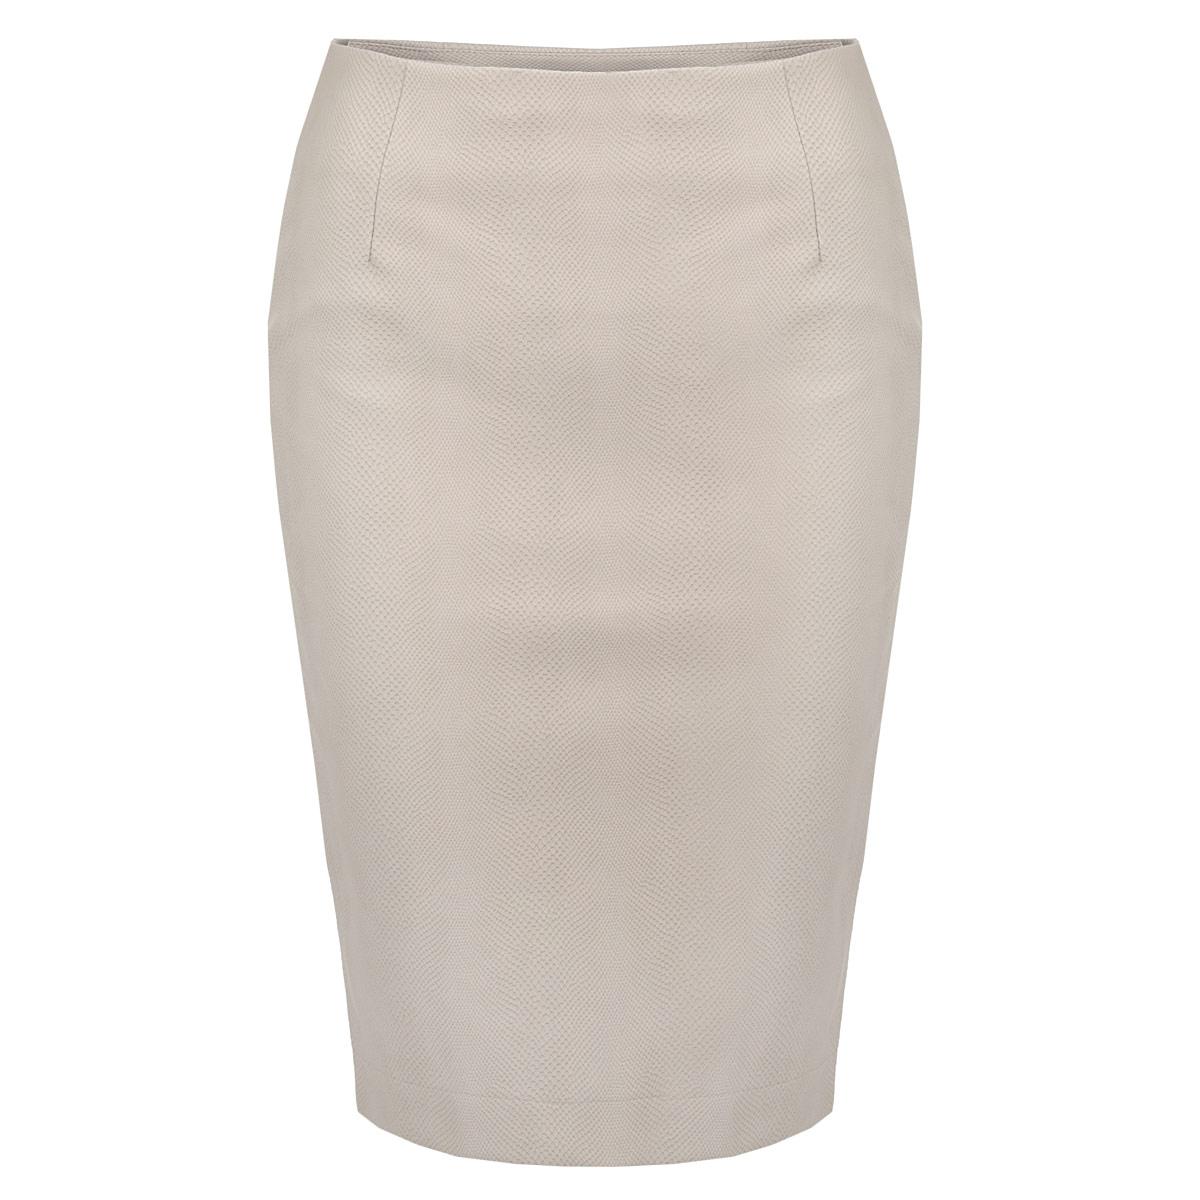 SSD0785BEСтильная юбка Top Secret изготовлена из полиуретана, имитирующего кожу питона. Юбка-карандаш длиной до колена подчеркнет все достоинства вашей фигуры. Сбоку юбка застегивается на потайную молнию. Эта модная юбка - отличный вариант на каждый день.